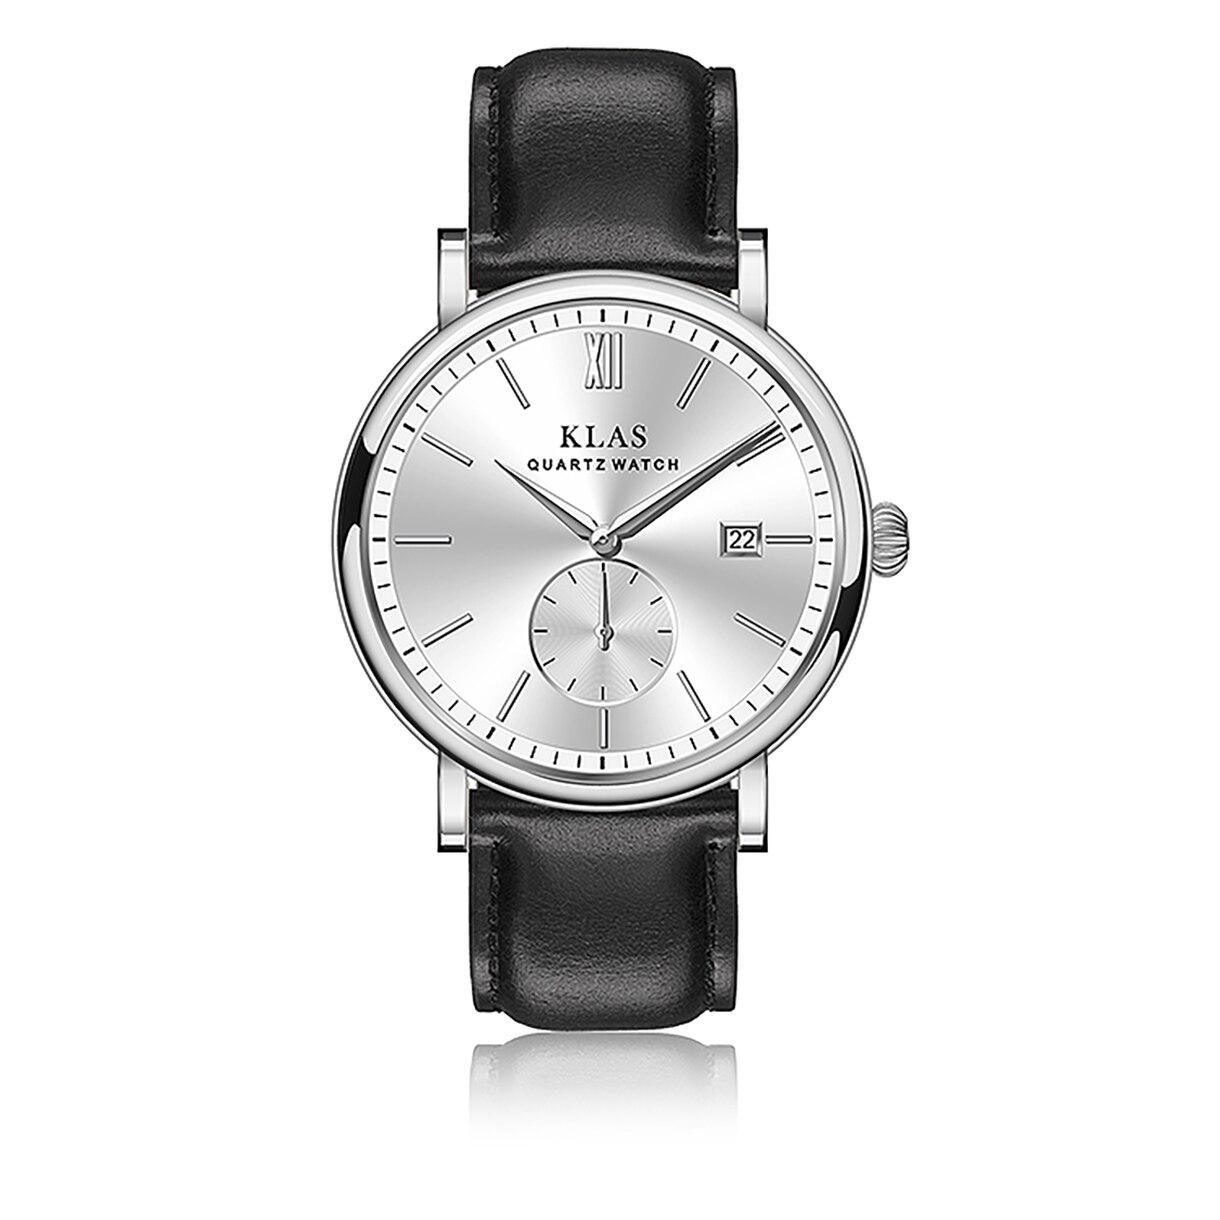 Relógio de Quartzo para Homem Klas Casual Couro Cinto Negócio Analógico Vestido Relógio